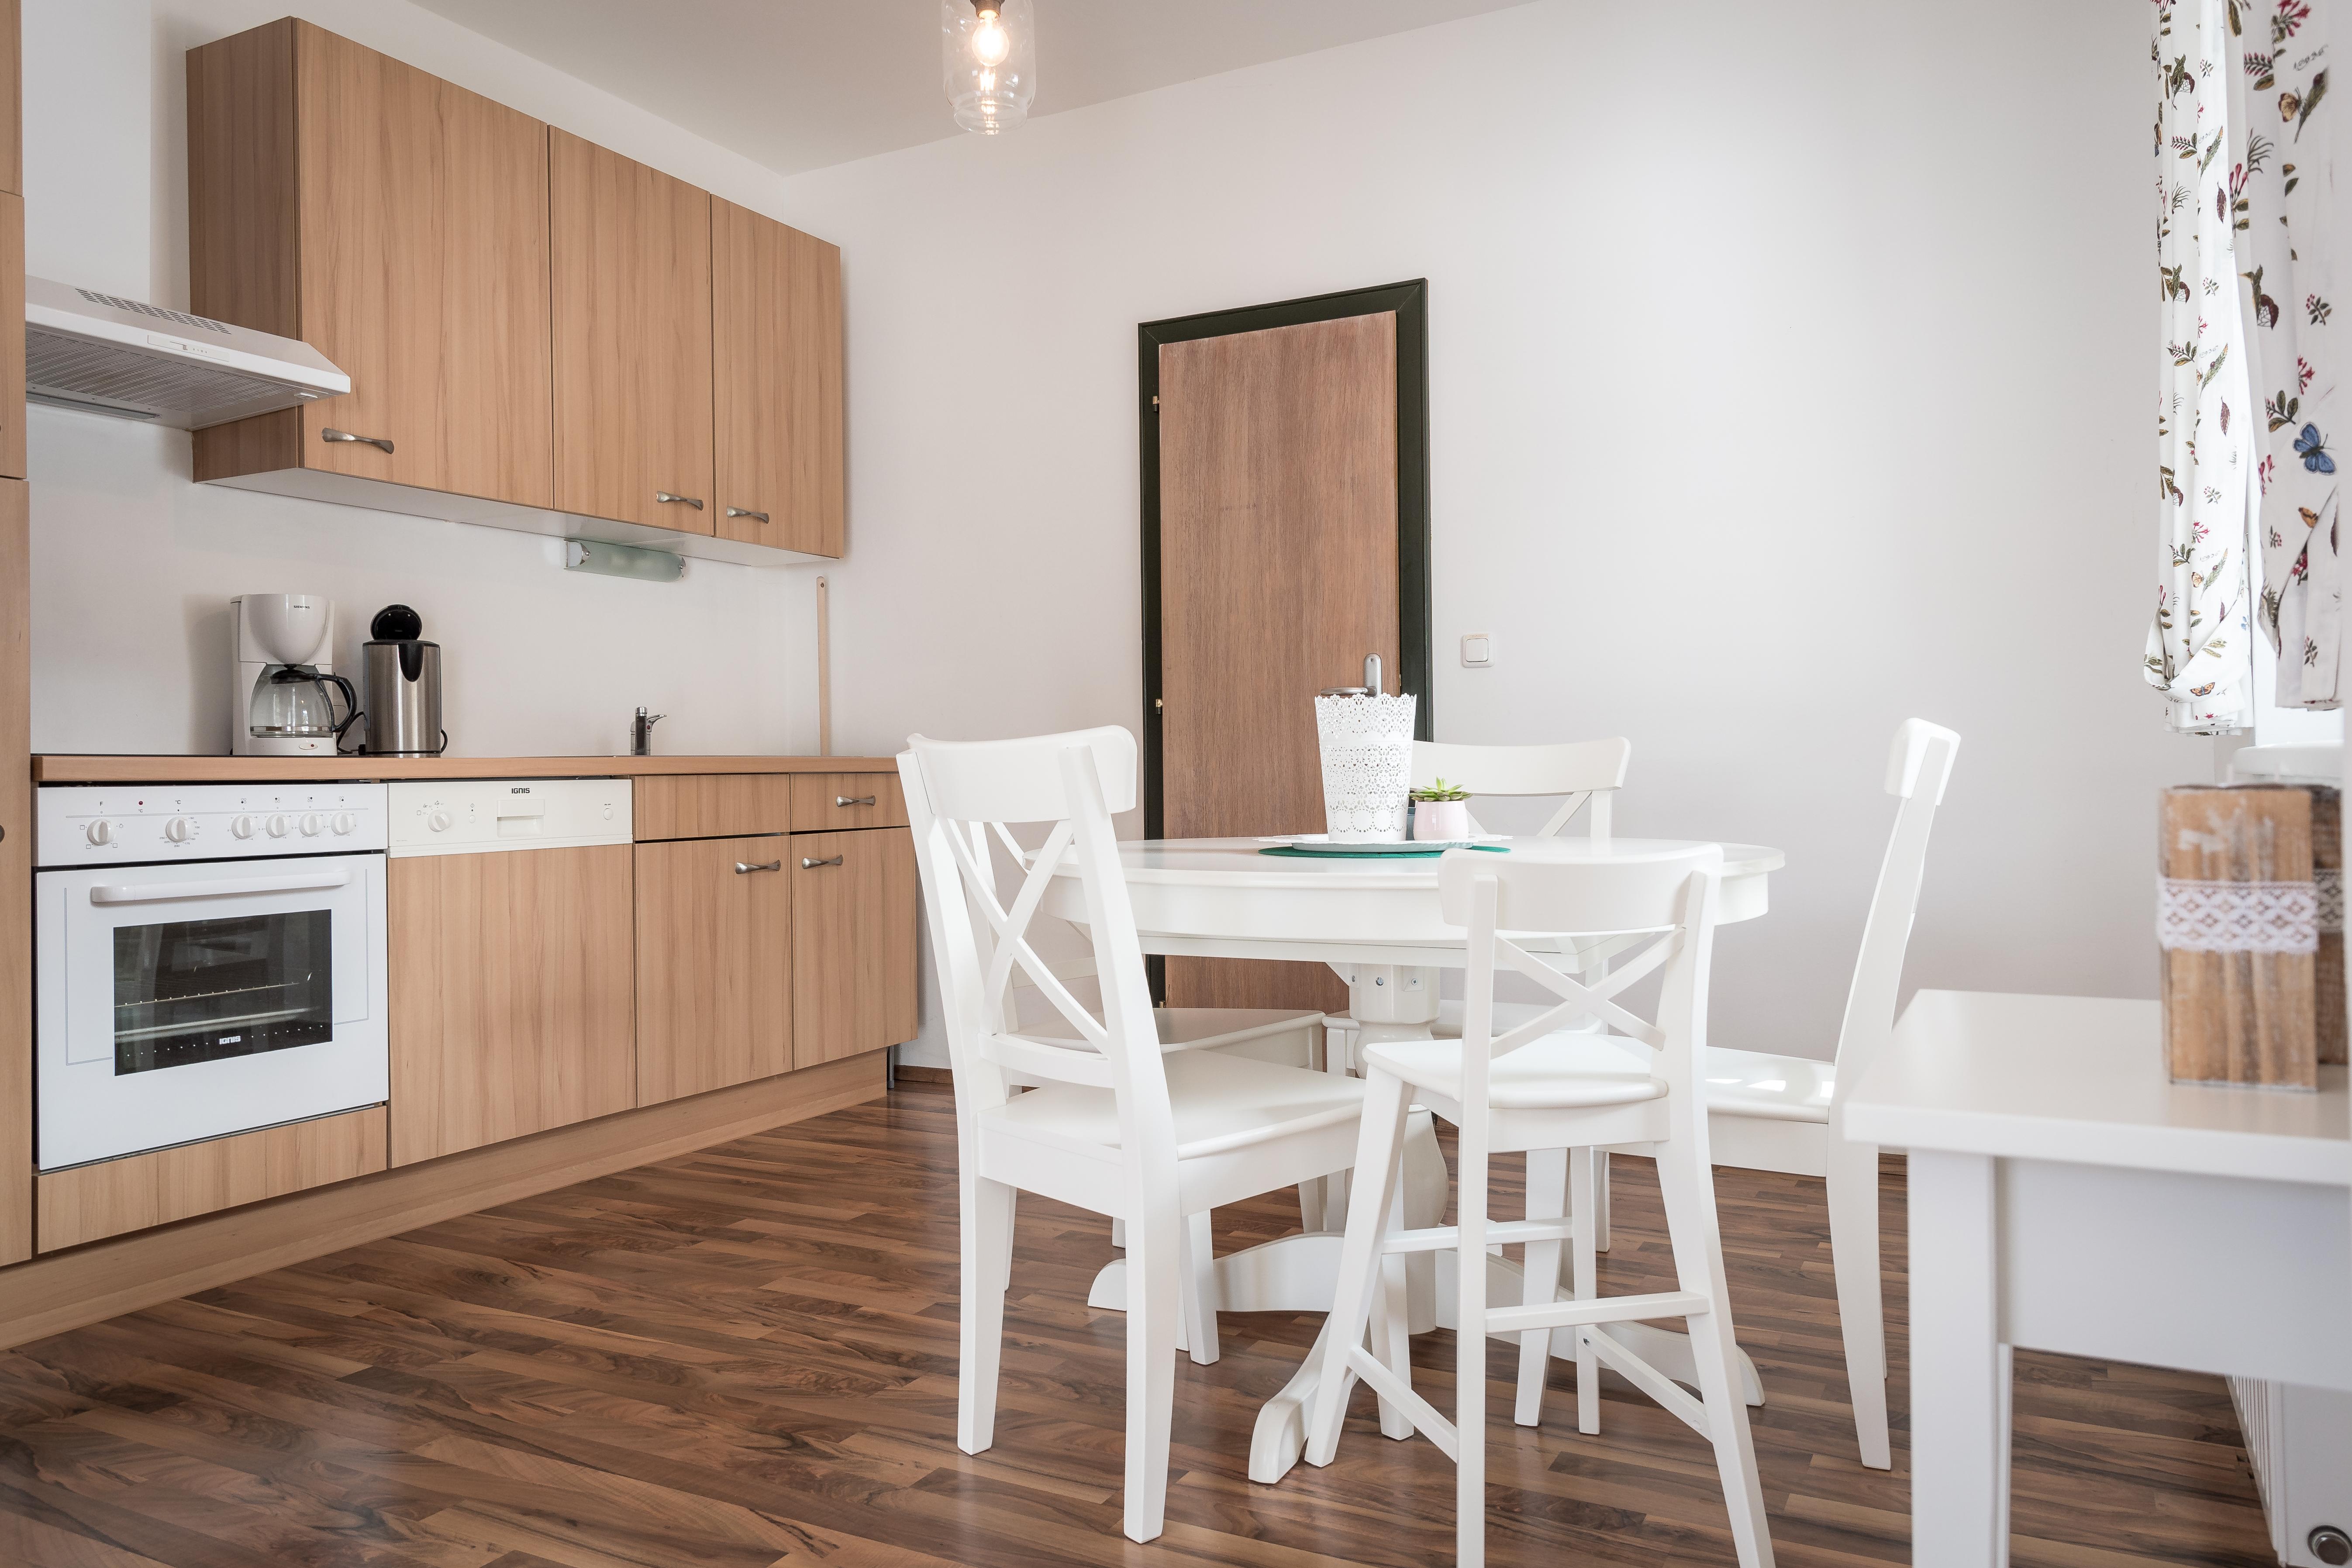 Wohnung_1_Küche